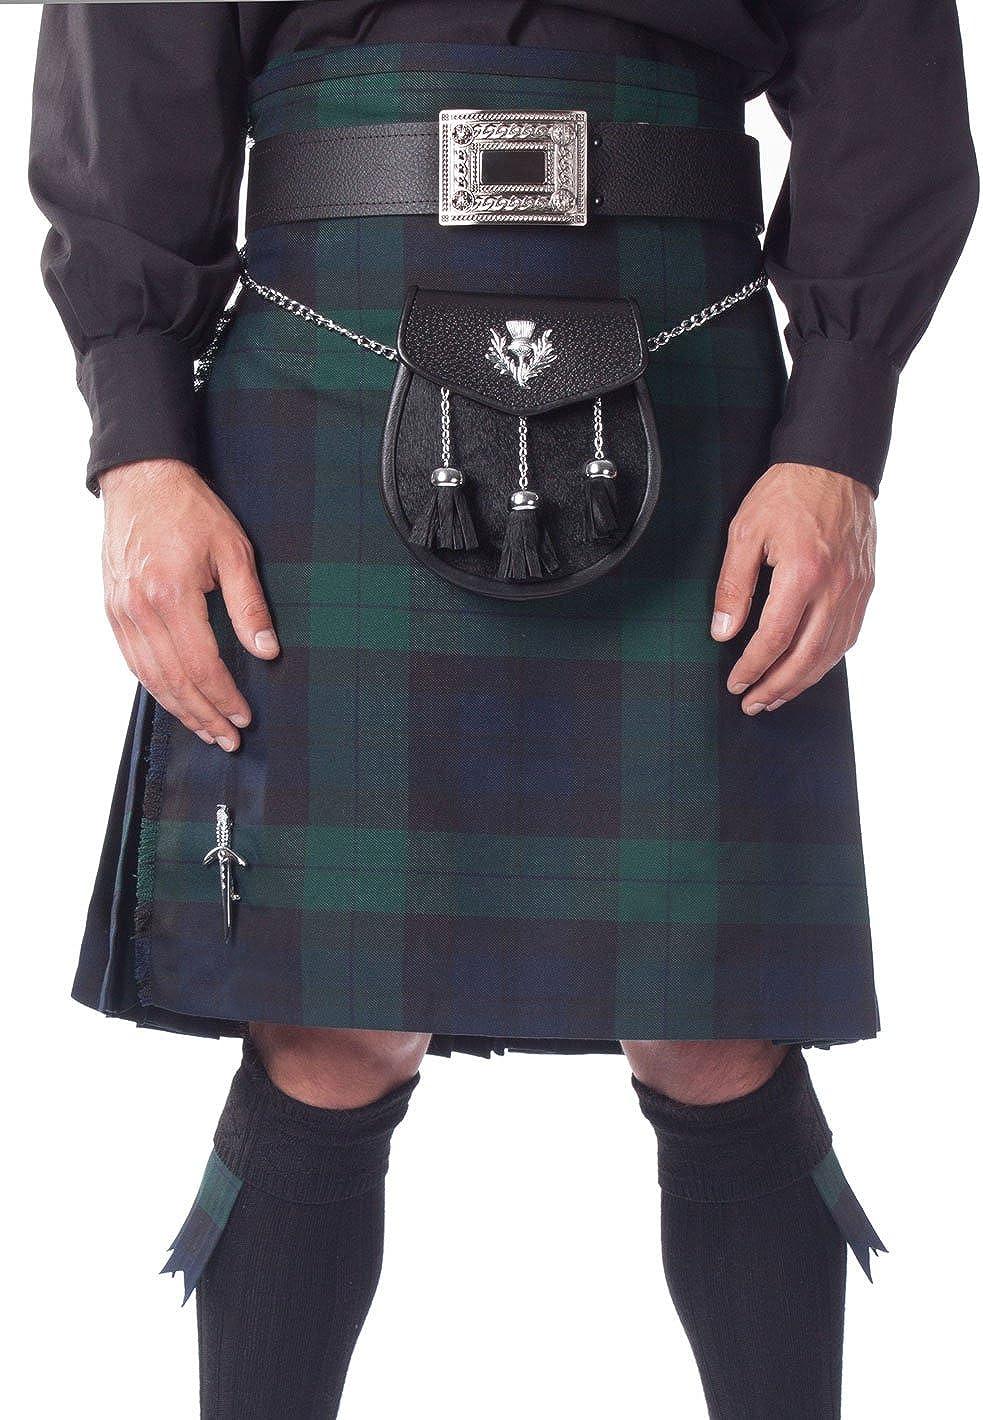 Kilt Society Mens 8 Yard Scottish Super intense SALE Tartan Overseas parallel import regular item